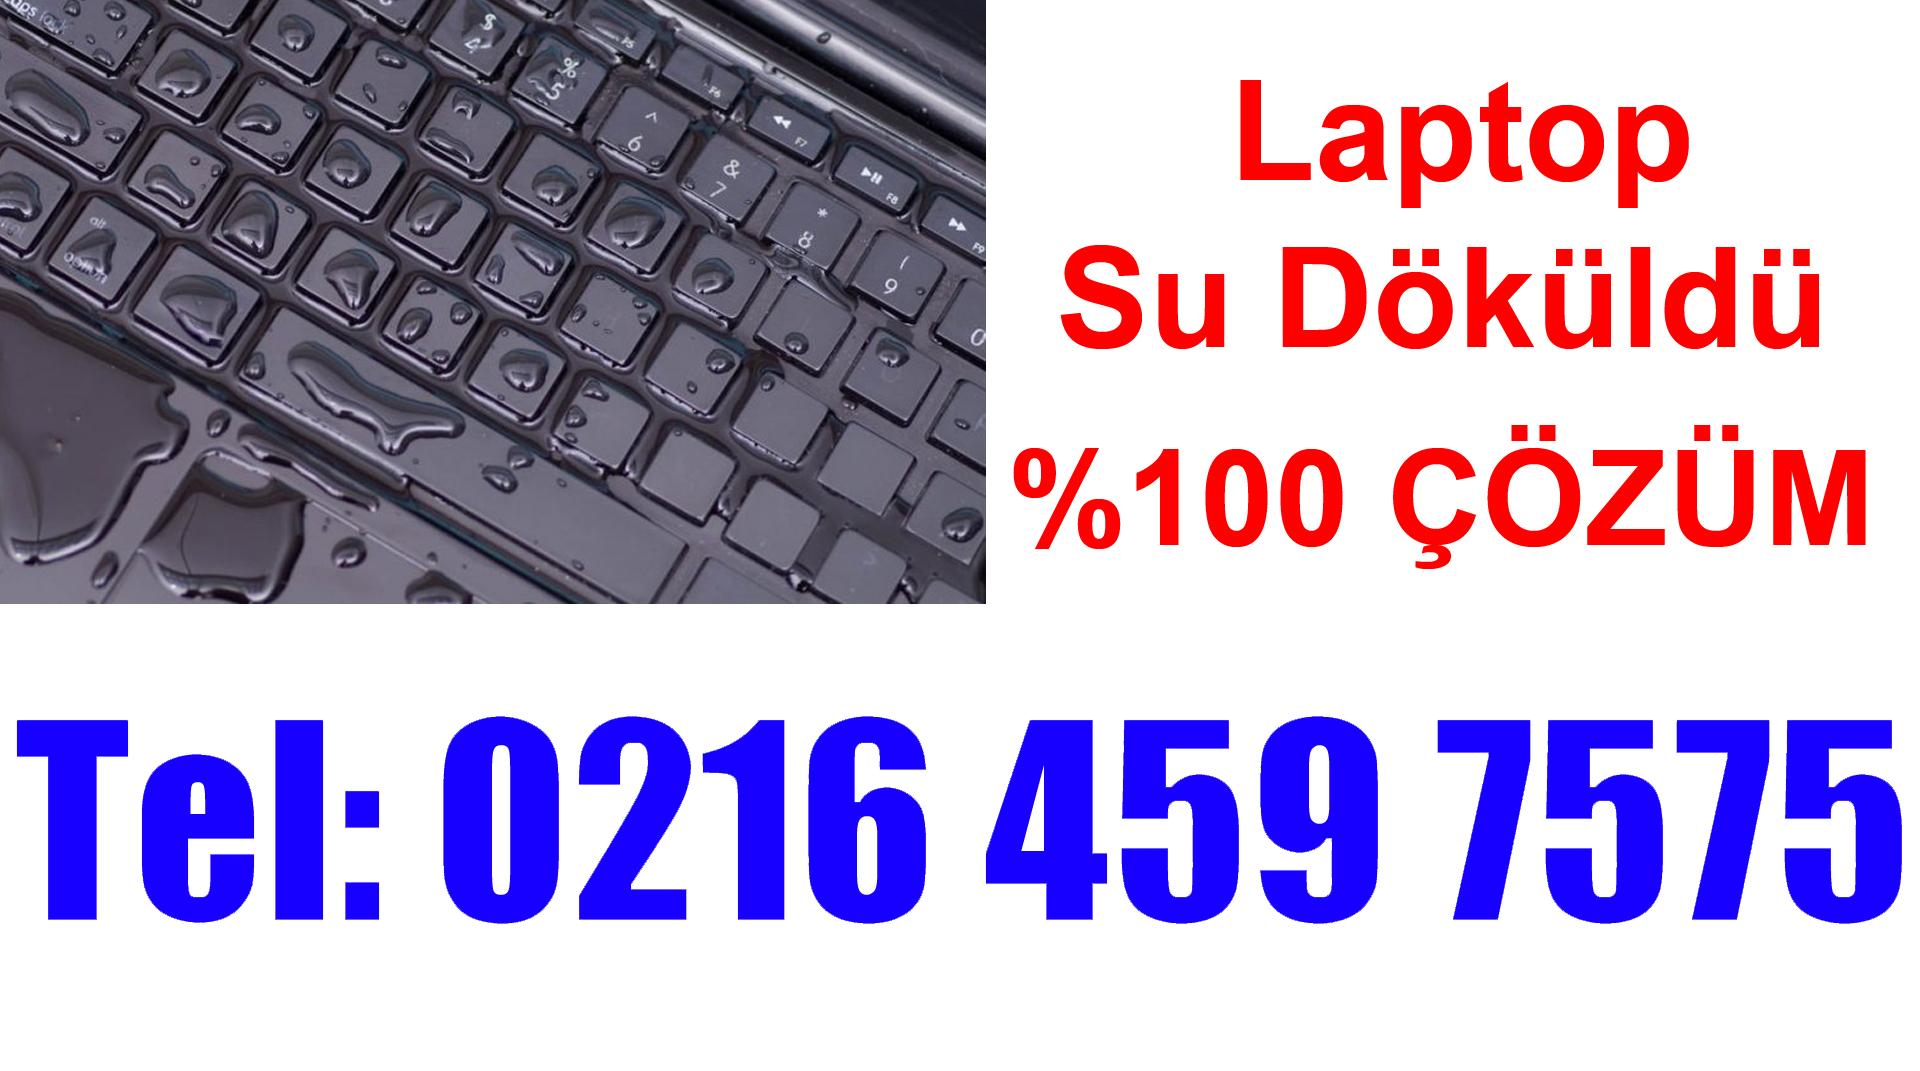 Laptop Klavyeye Su Döküldü Tuşlar Karıştı